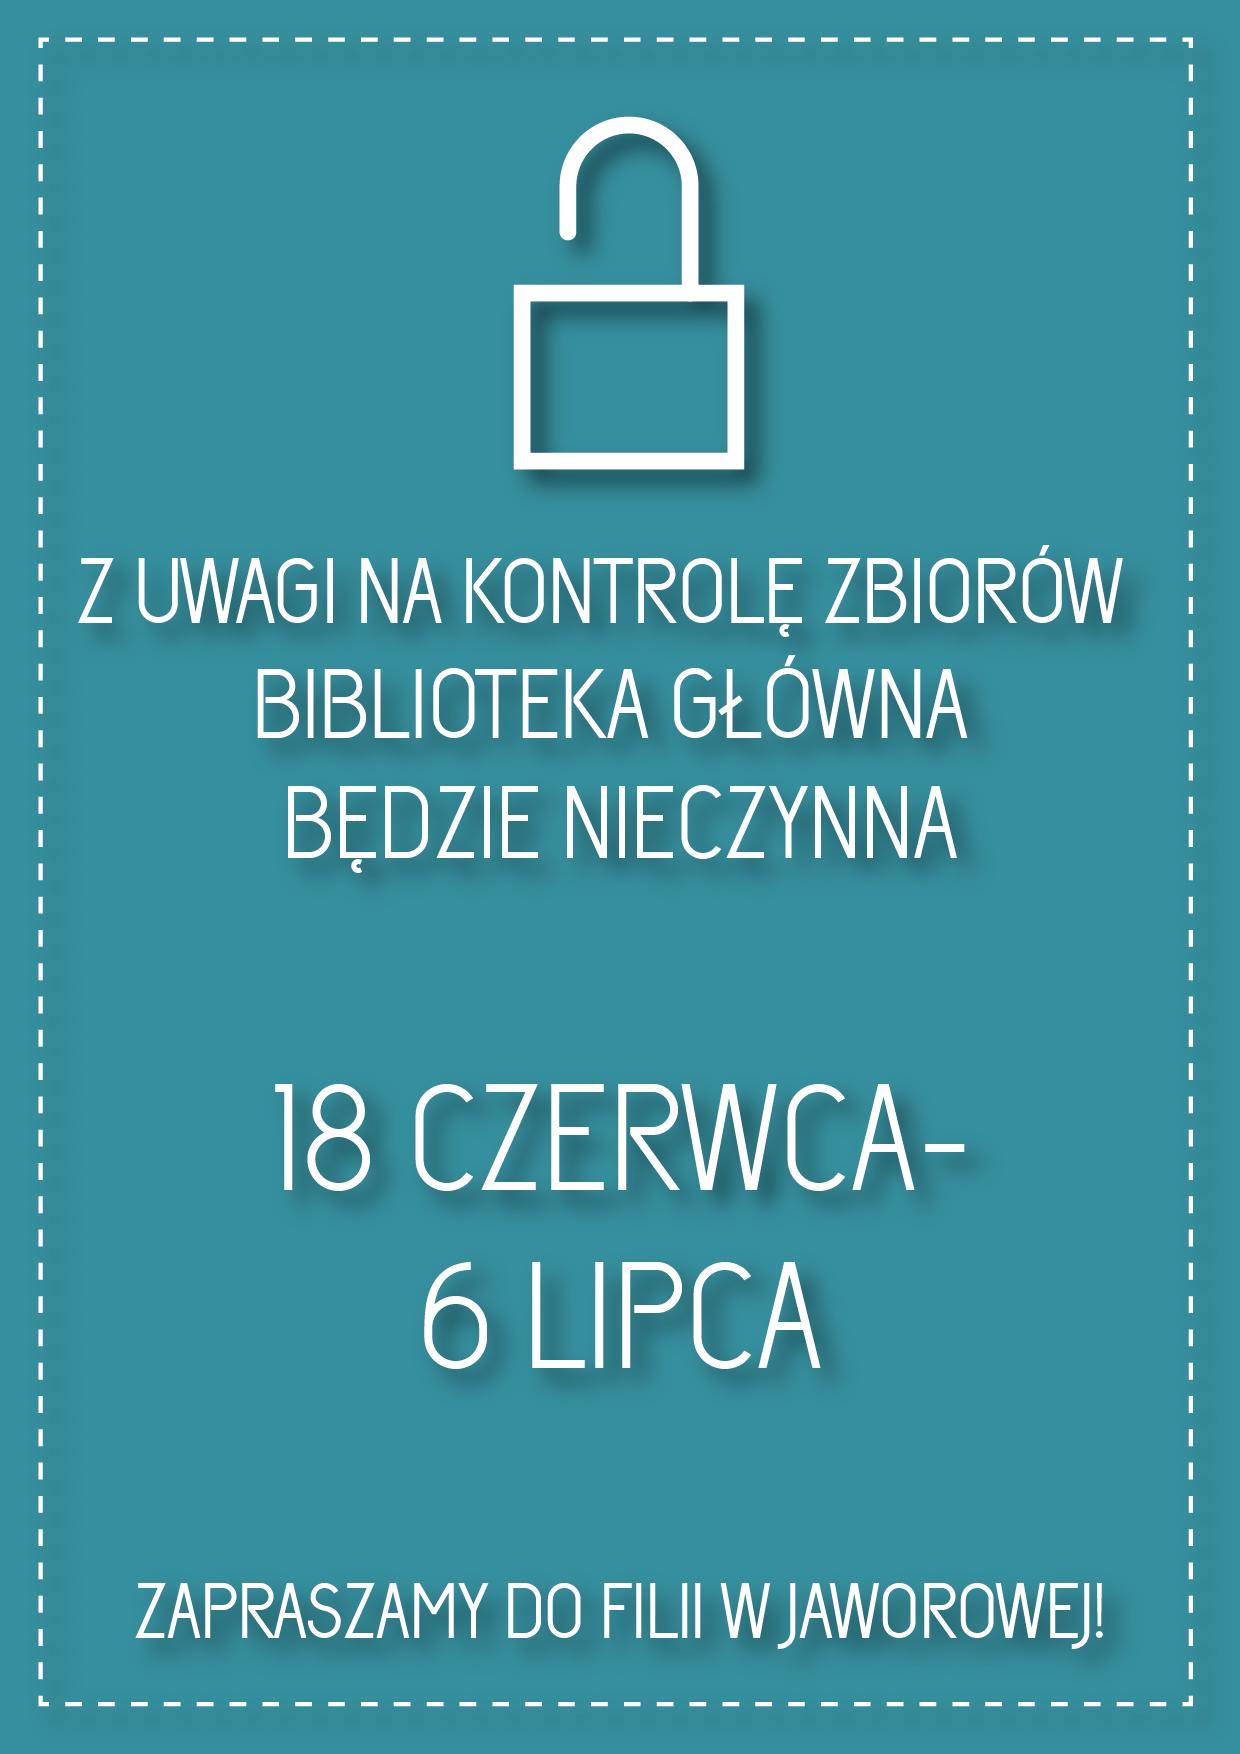 ogloszenie_A4_nieb_KONTROLA_ZBIORÓW-01